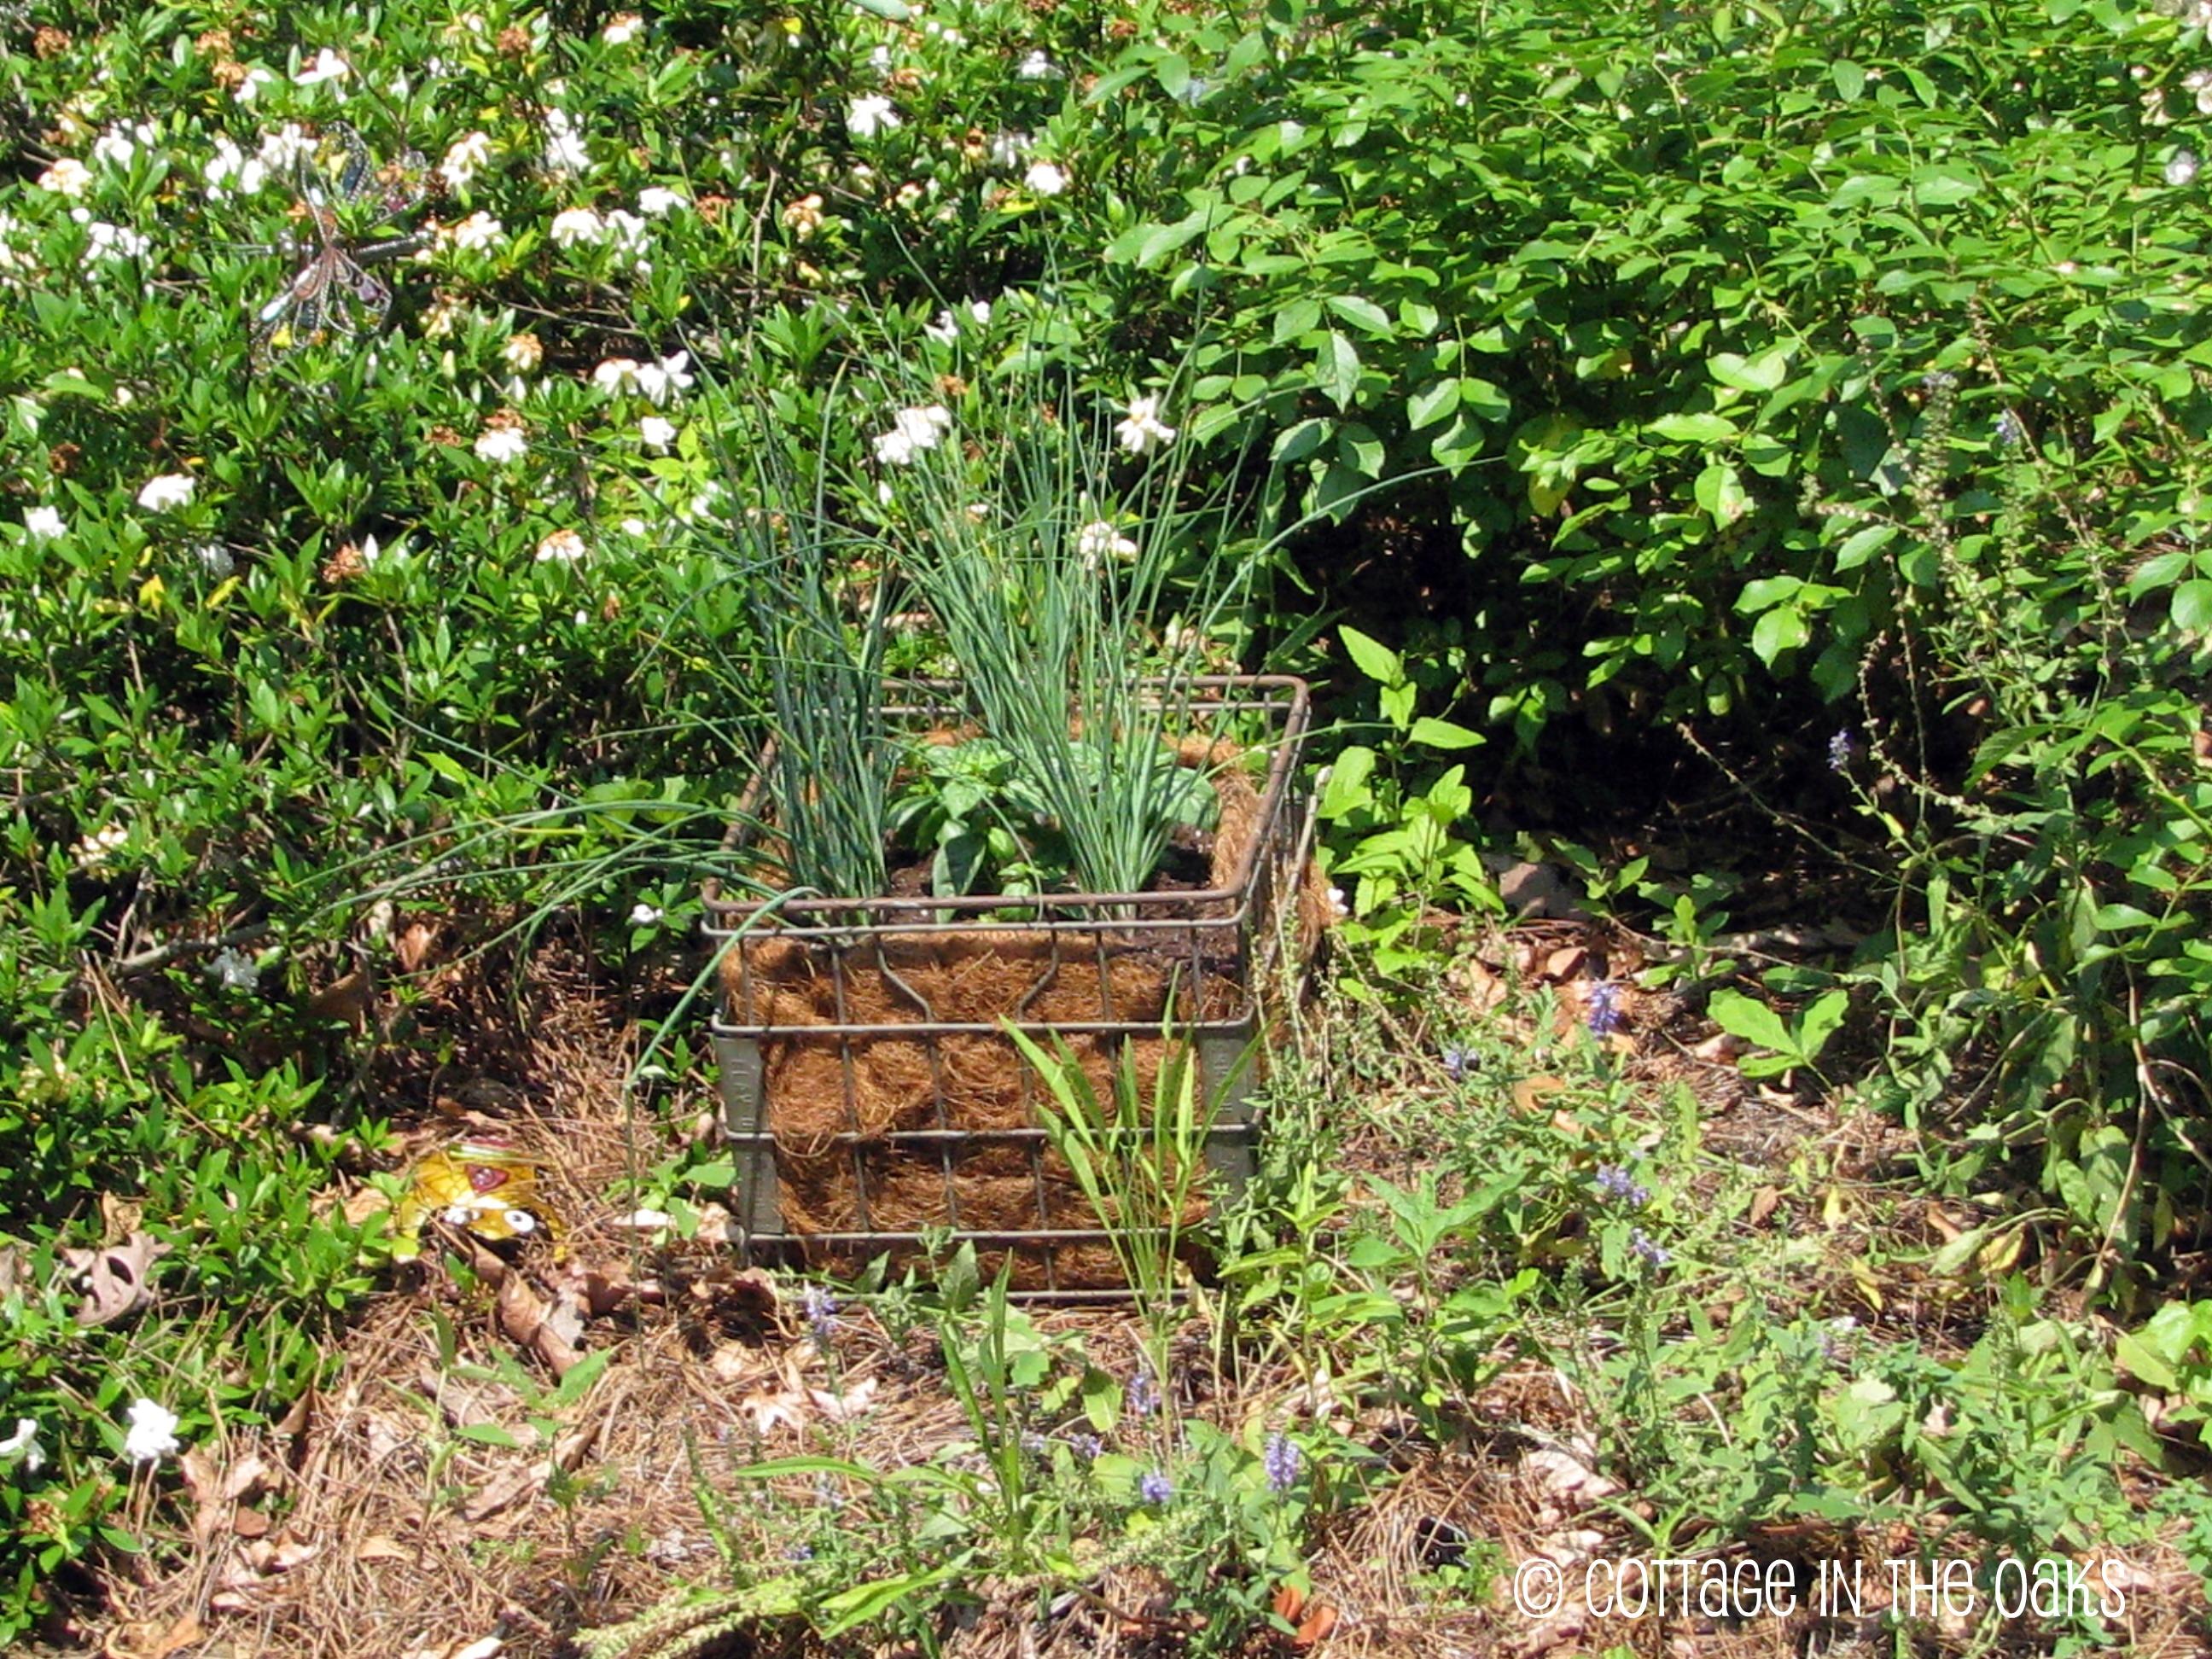 DIY Milk Crate Garden Cottage in the Oaks